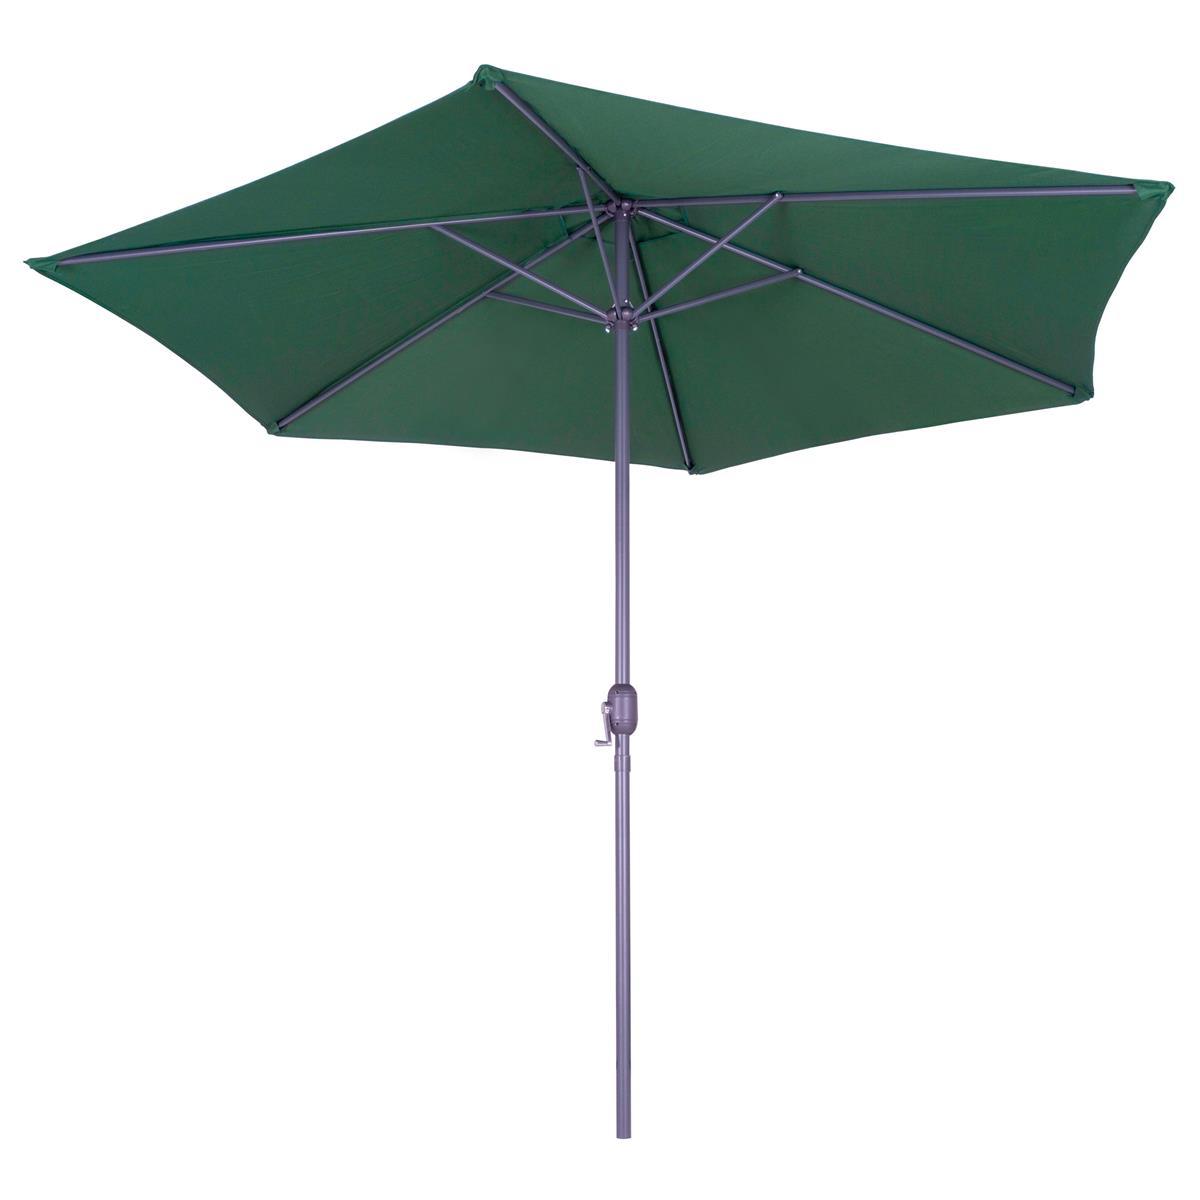 Sonnenschirm 3 m grün mit Kurbel wasserabweisend UV Schutz 50+